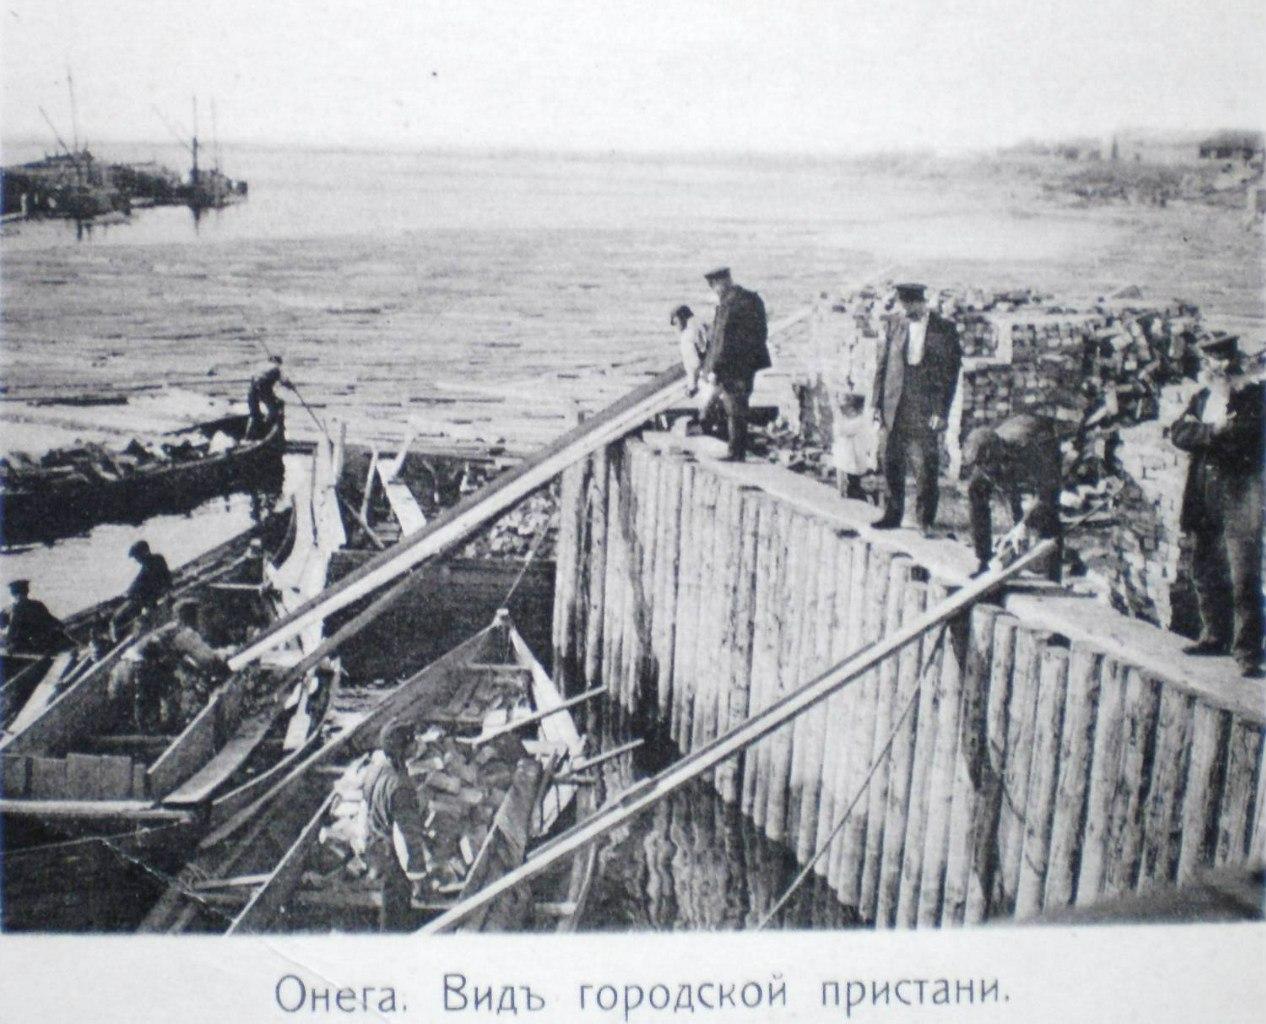 Вид городской пристани